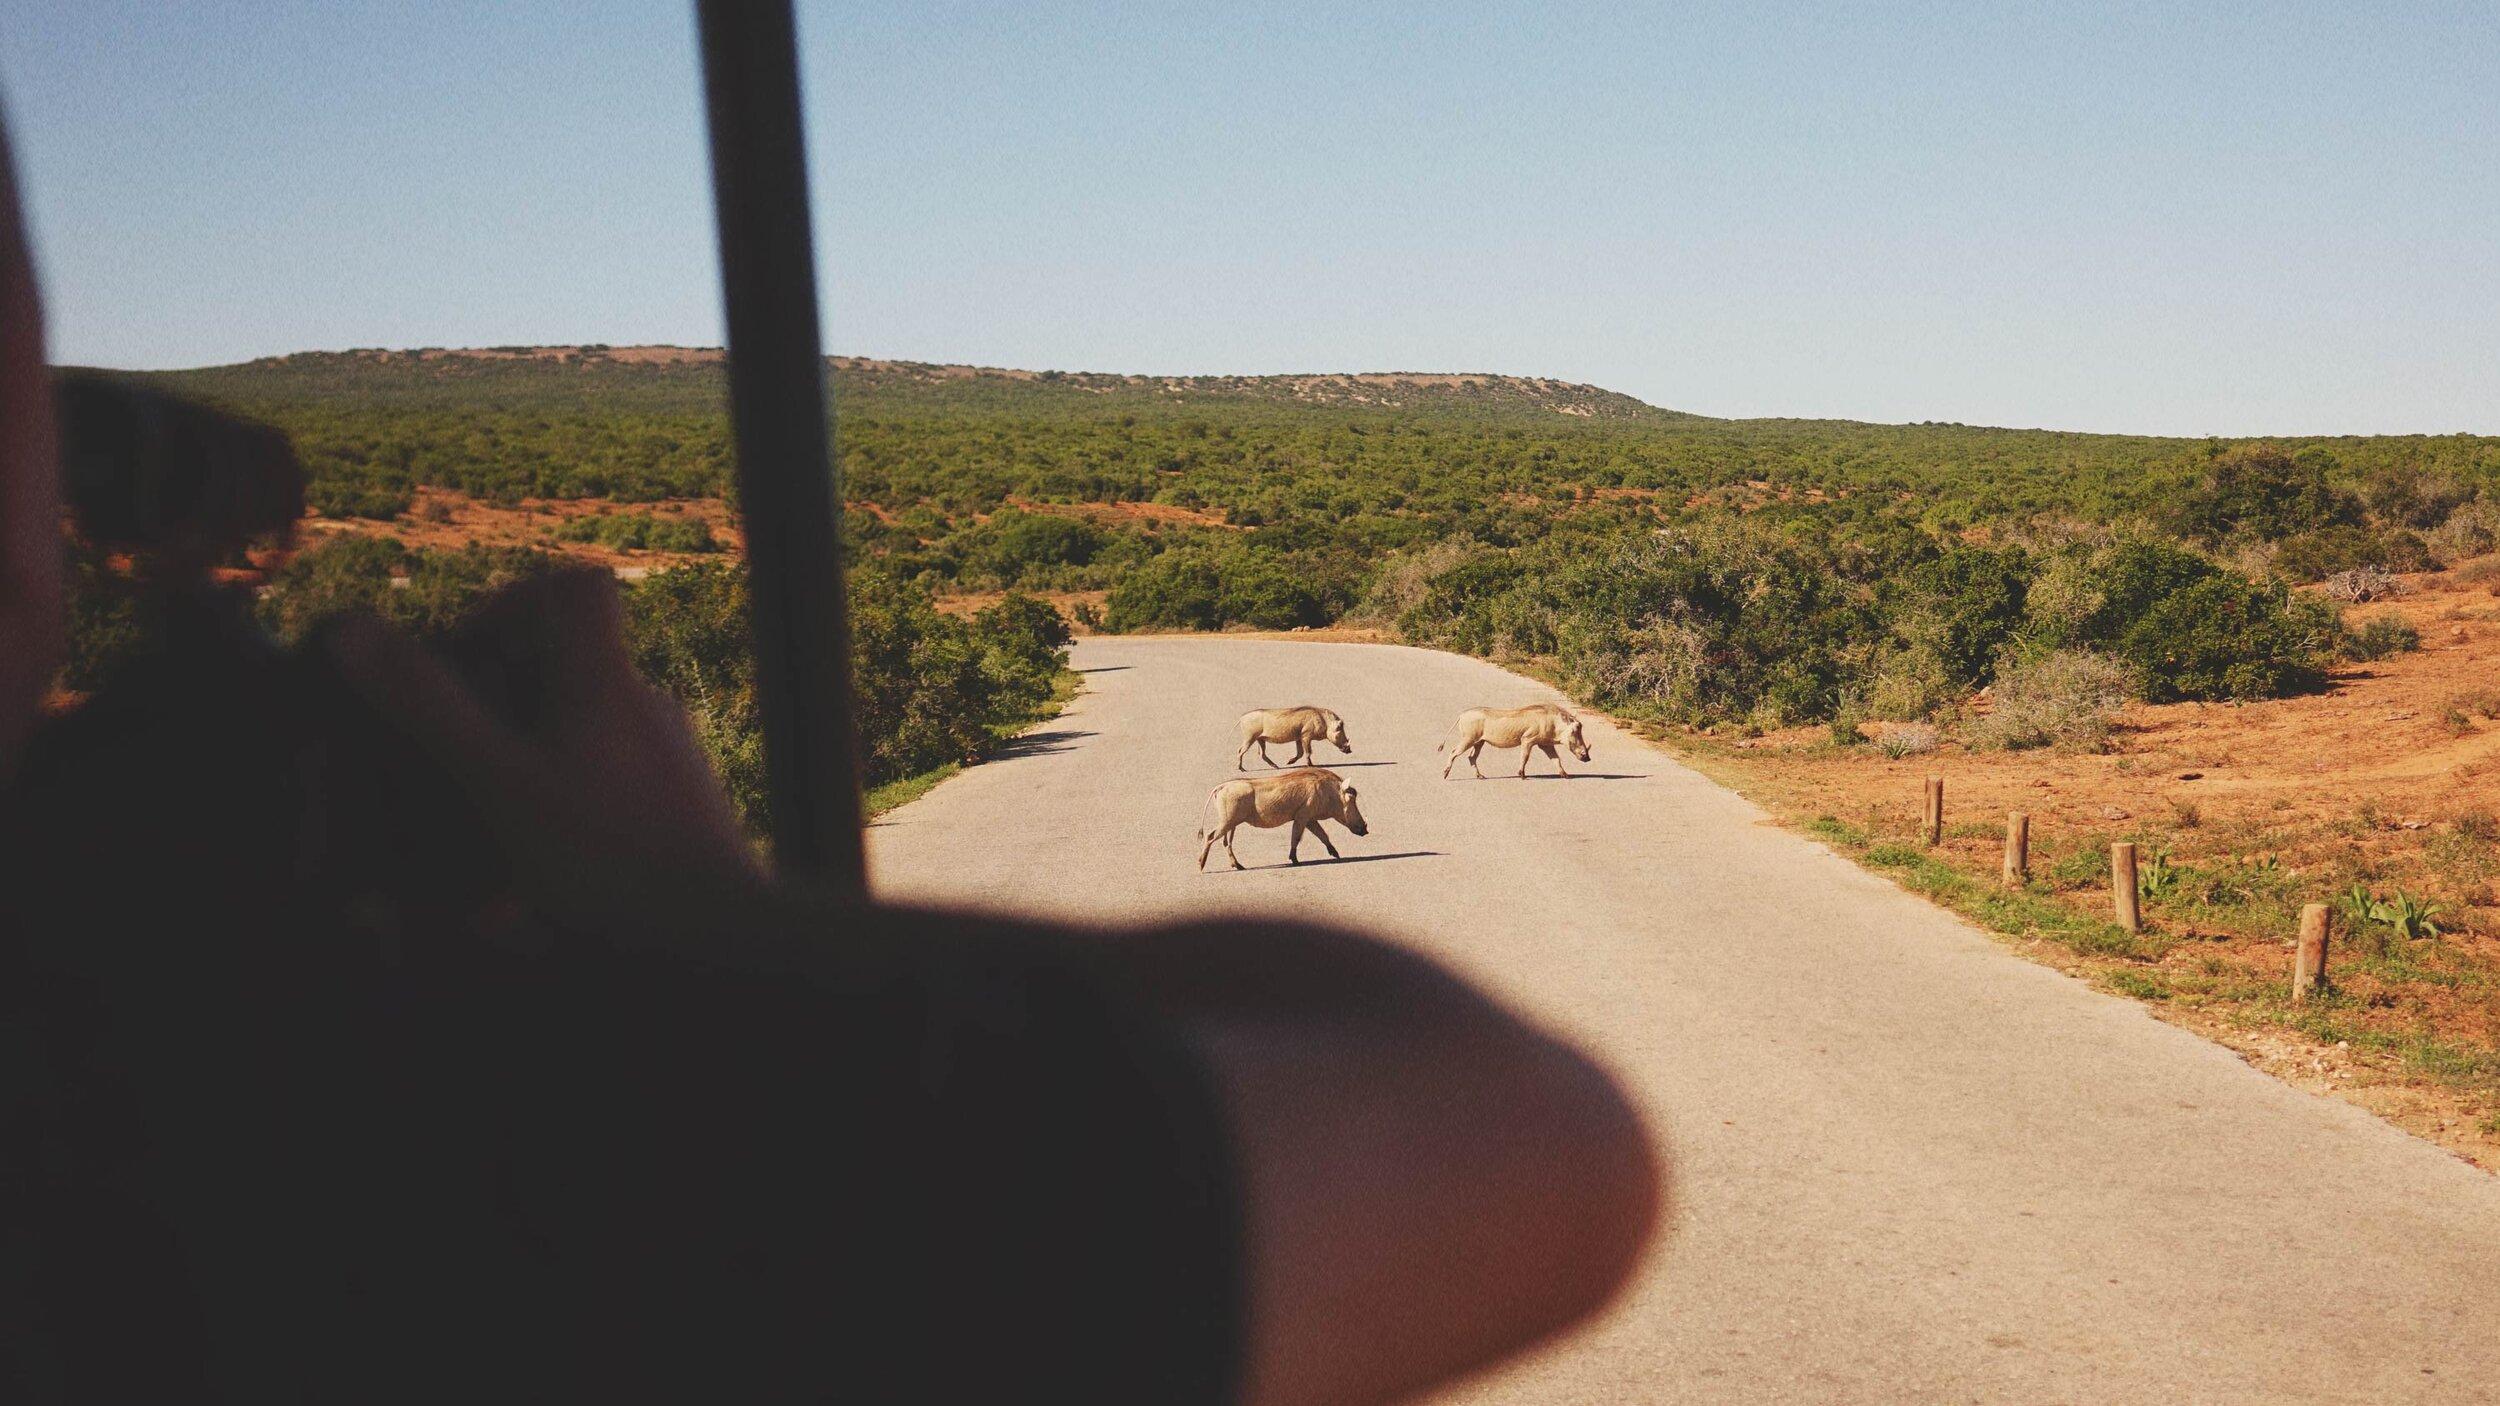 81_Giepert_South_Africa.jpg